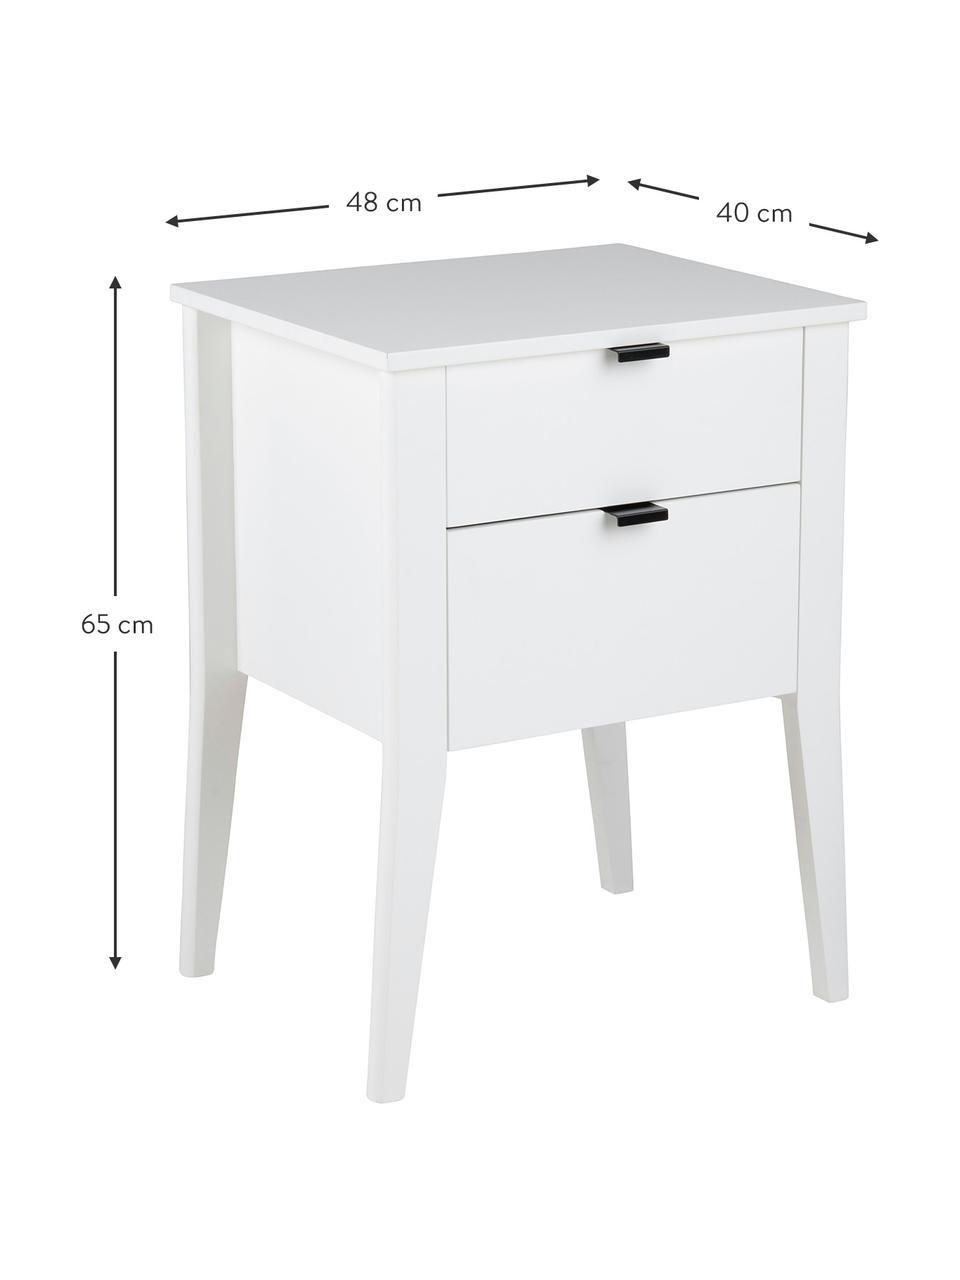 Wit nachtkastje Sleepy met lades, Frame: gelakt MDF, Wit, 48 x 65 cm